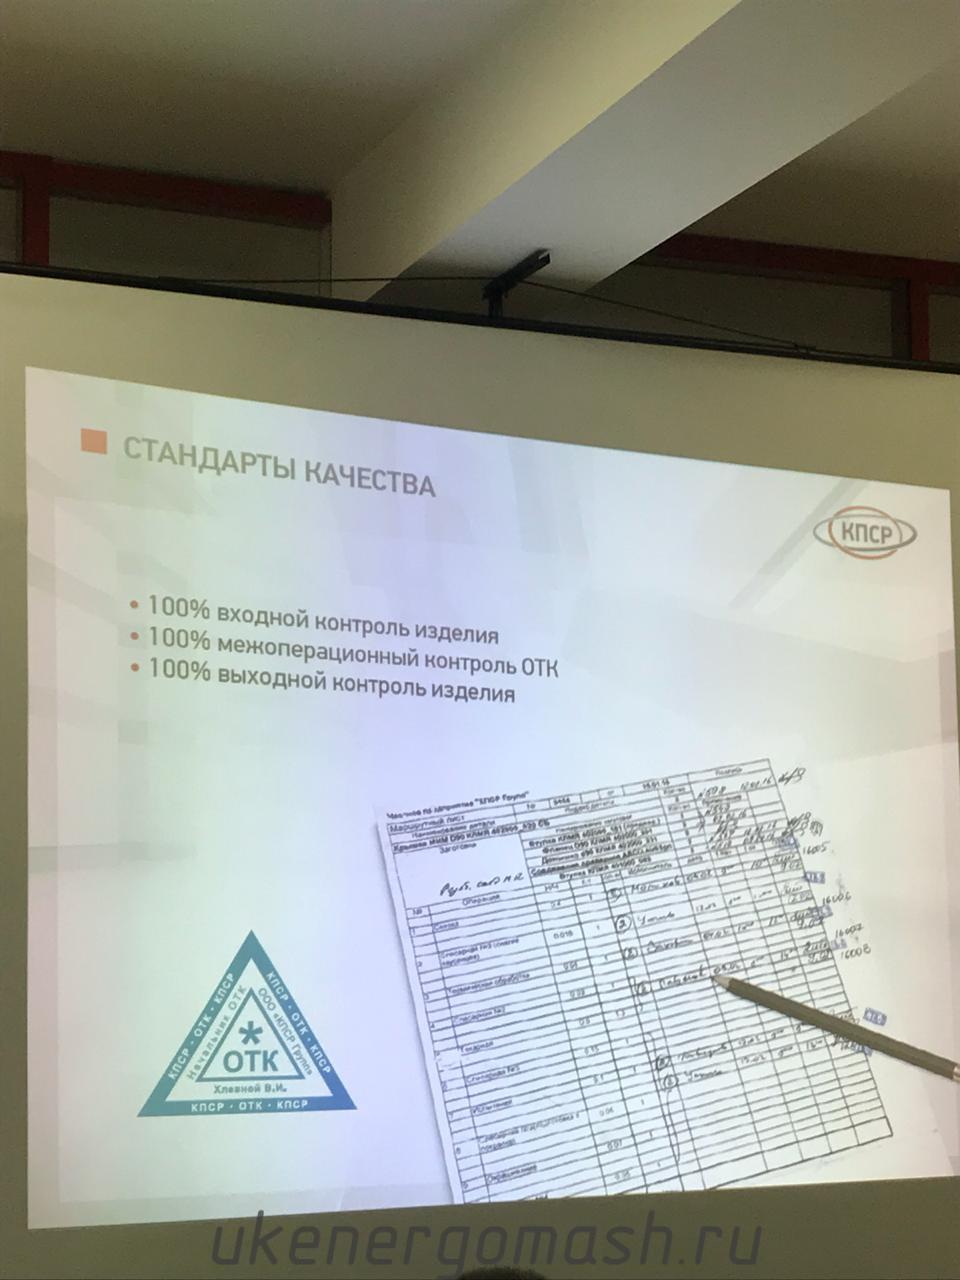 Регулирующая арматура КПСР